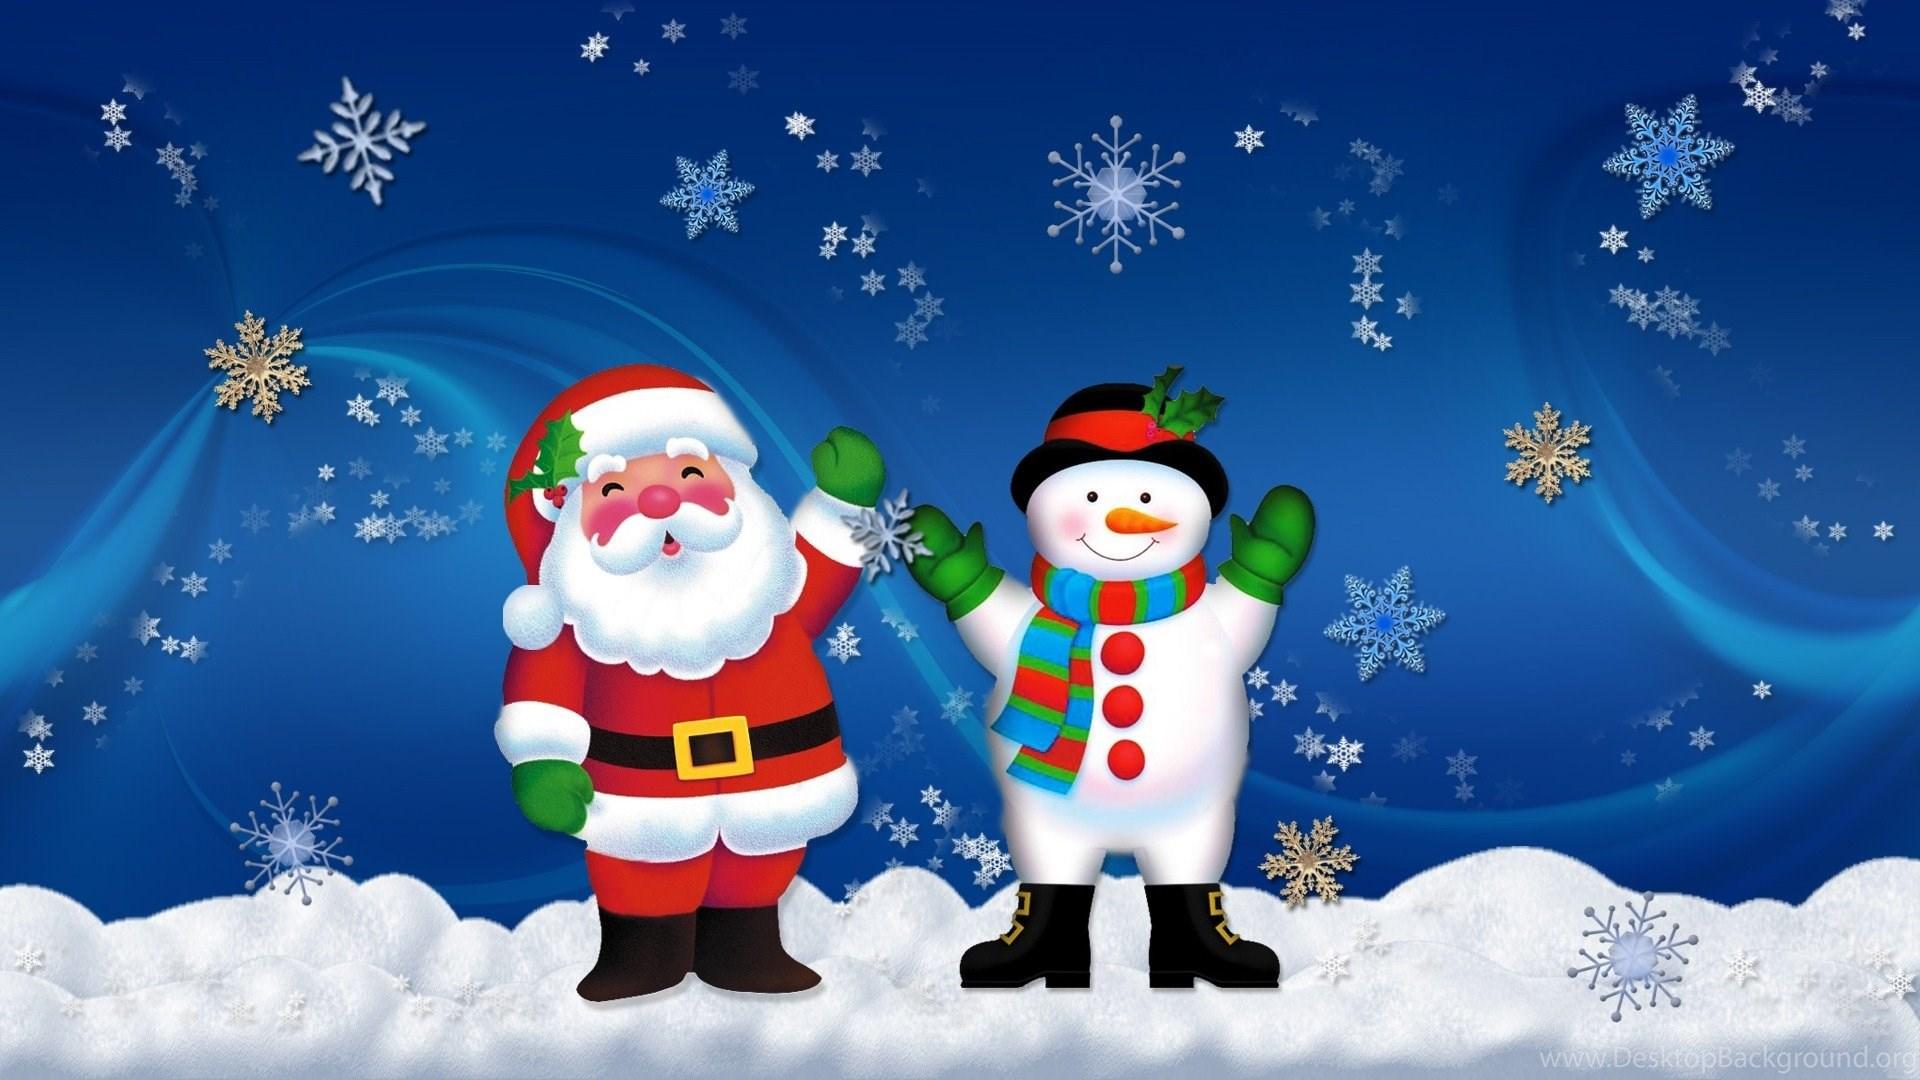 popular - Funny Christmas Wallpaper